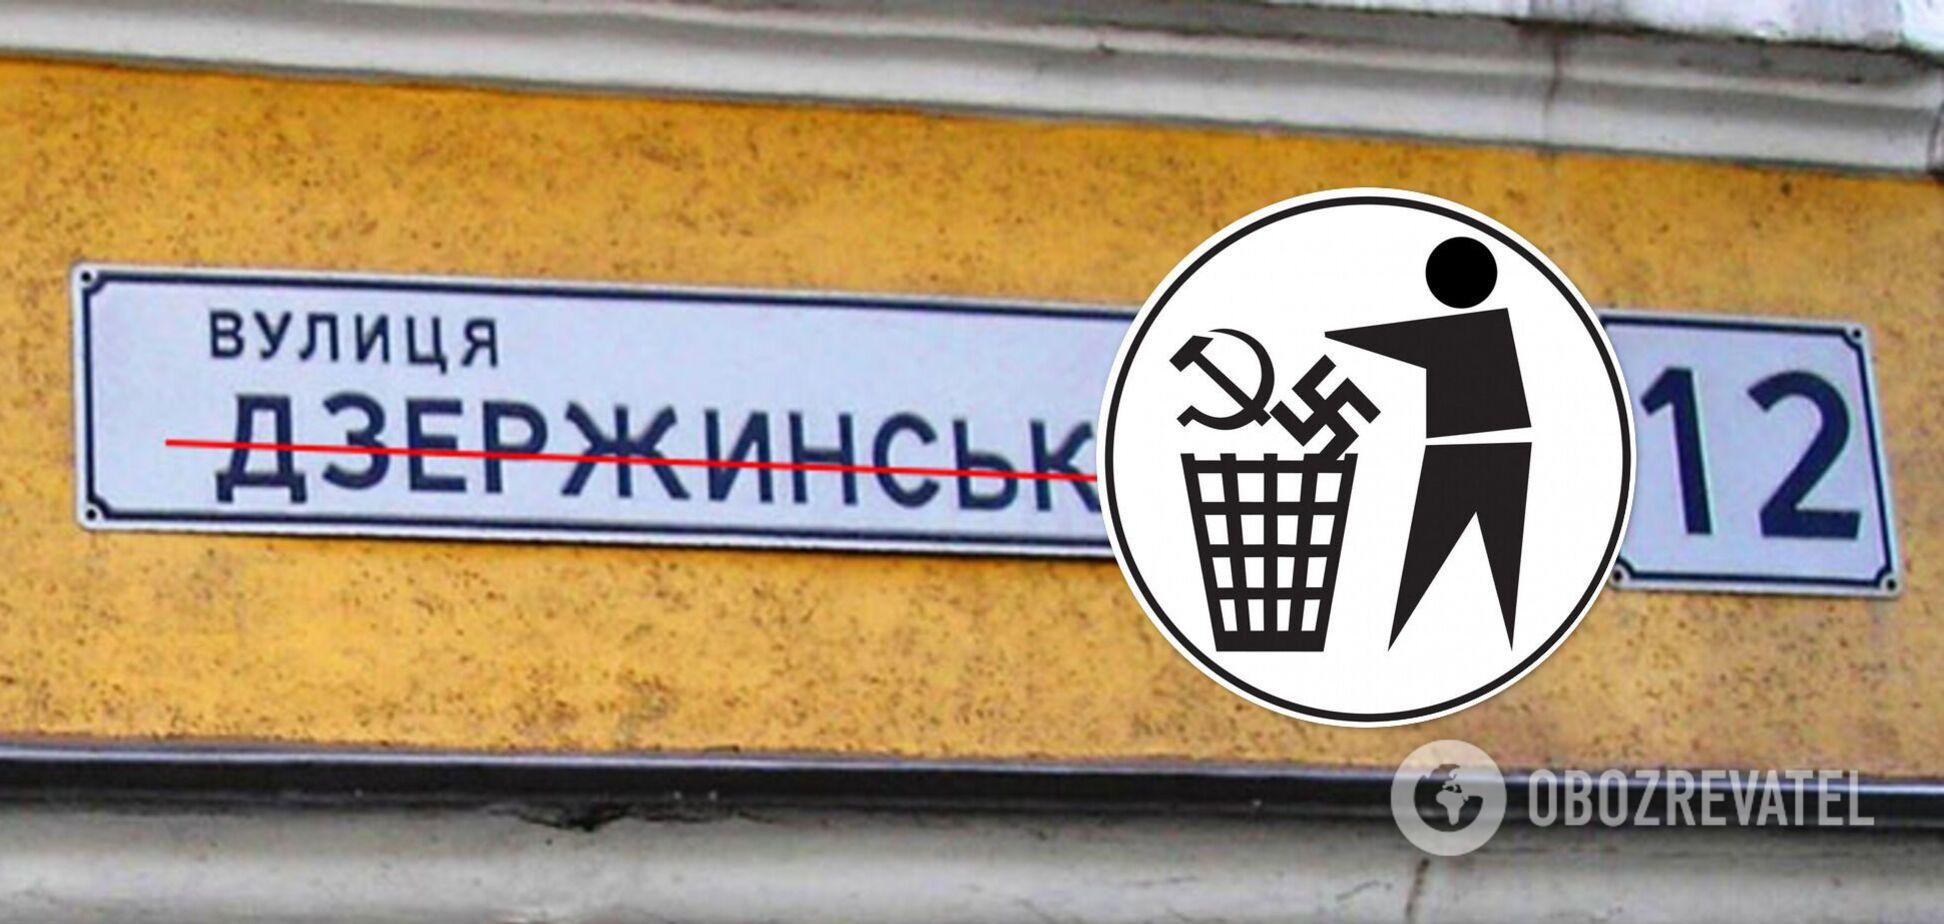 В Херсоне – засилье улиц с 'коммунистическими' названиями: в сети обратили внимание